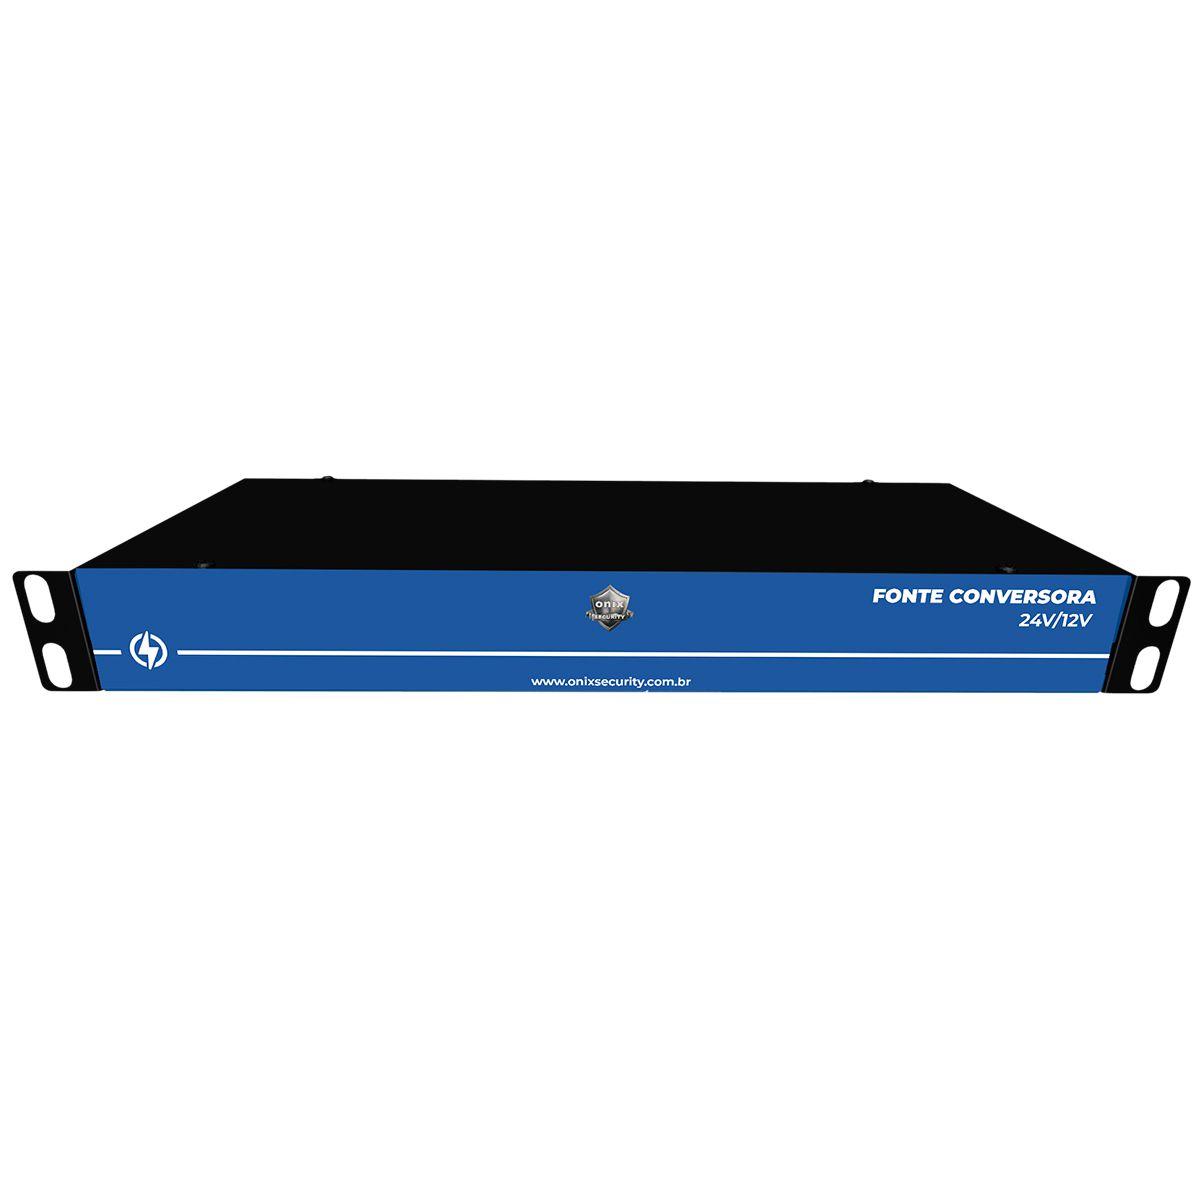 conversor para power coaxial 24v - 12v - onix